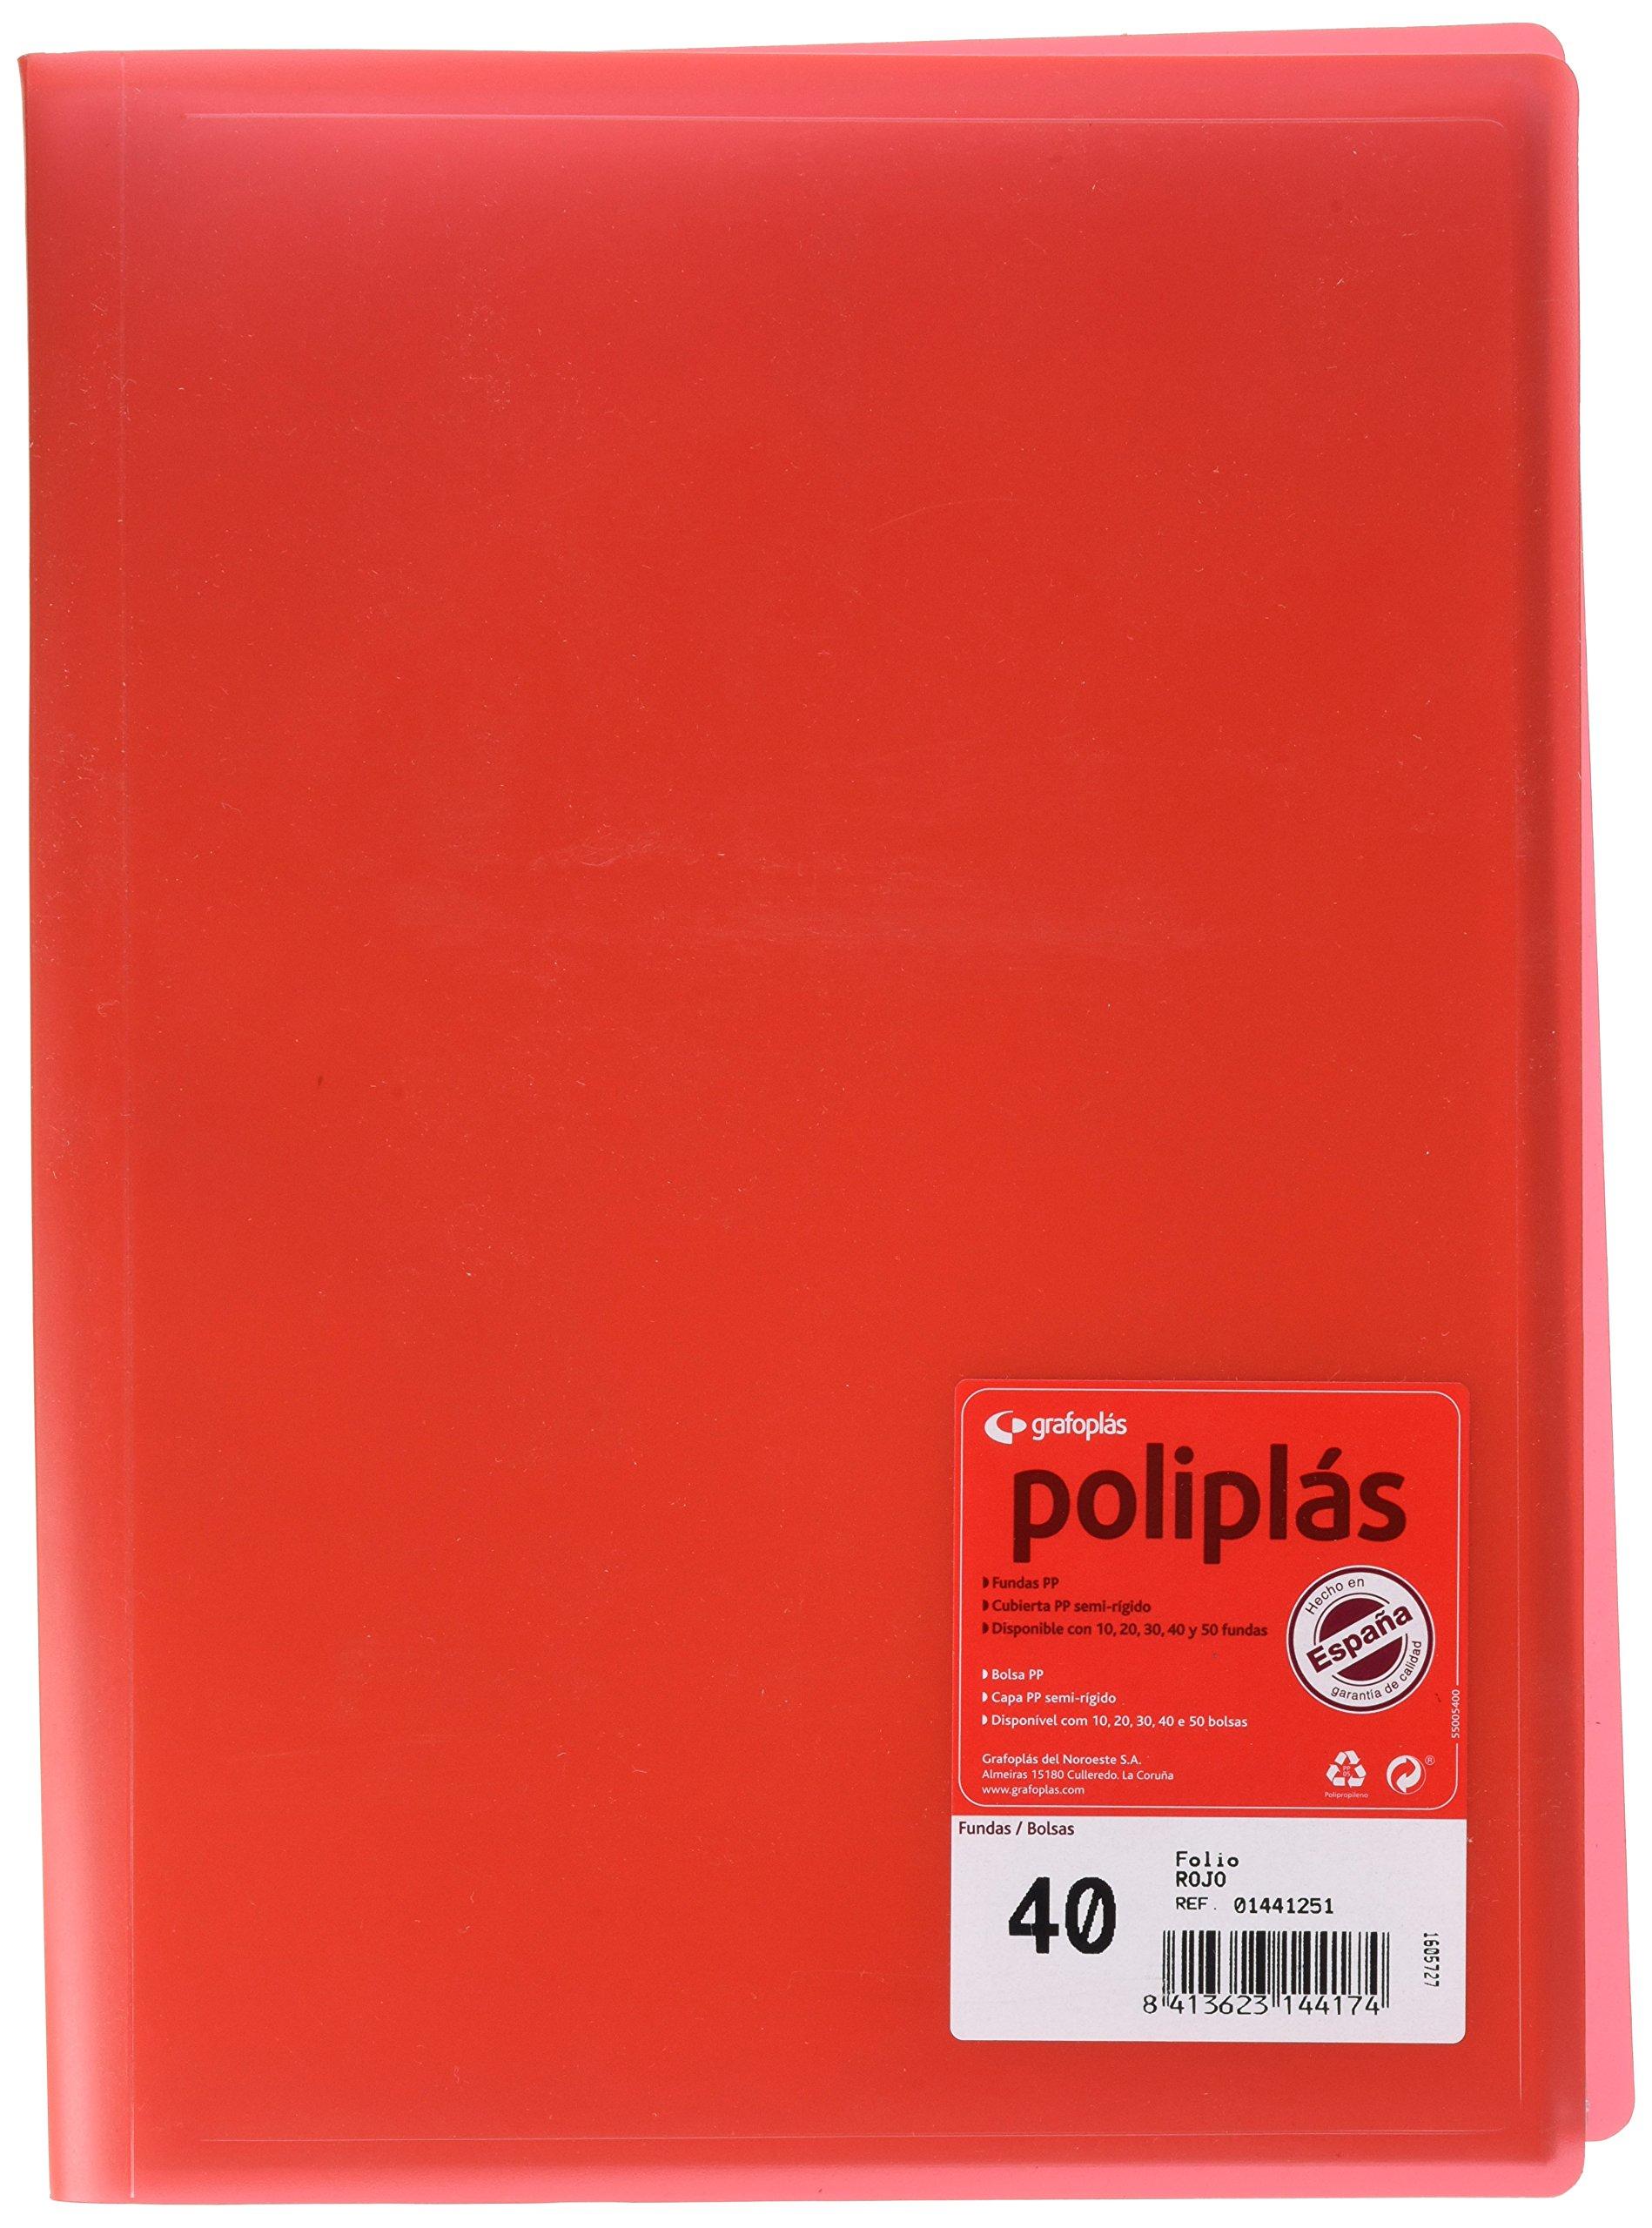 grafoplas 1155706–40Pockets Folder, Red